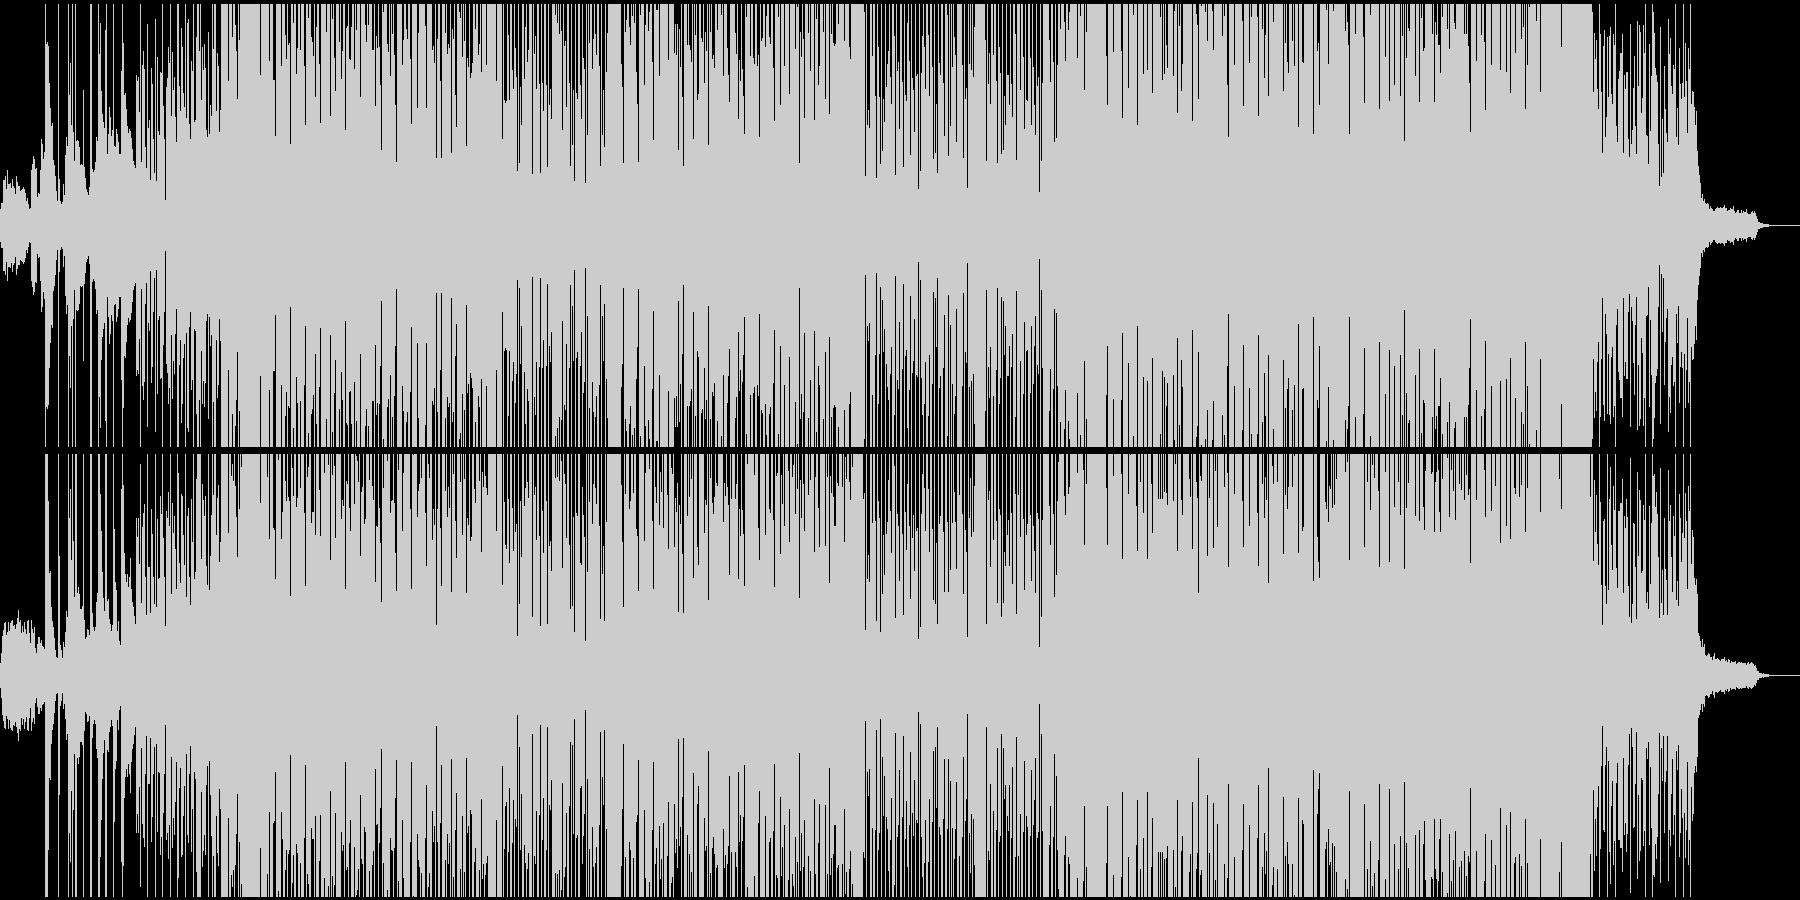 和とHipHopビートの融合。の未再生の波形